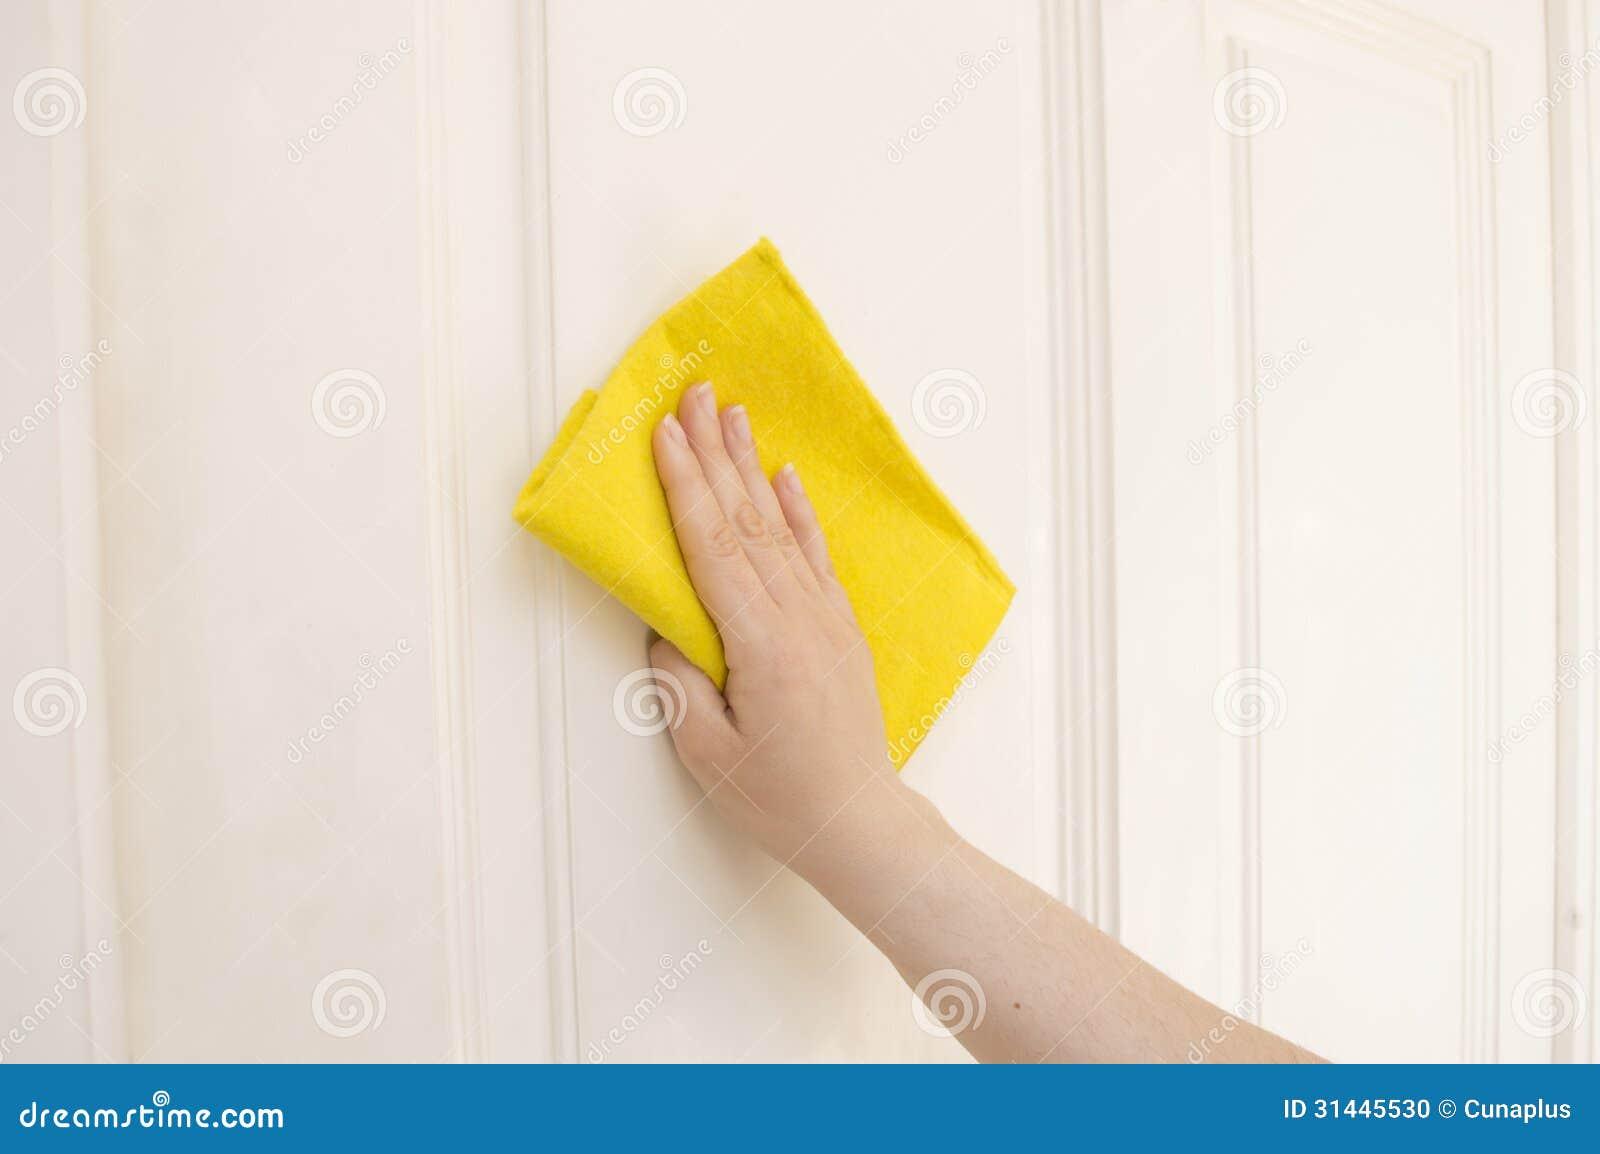 nettoyage d 39 une porte blanche avec un tissu jaune photo stock image 31445530. Black Bedroom Furniture Sets. Home Design Ideas